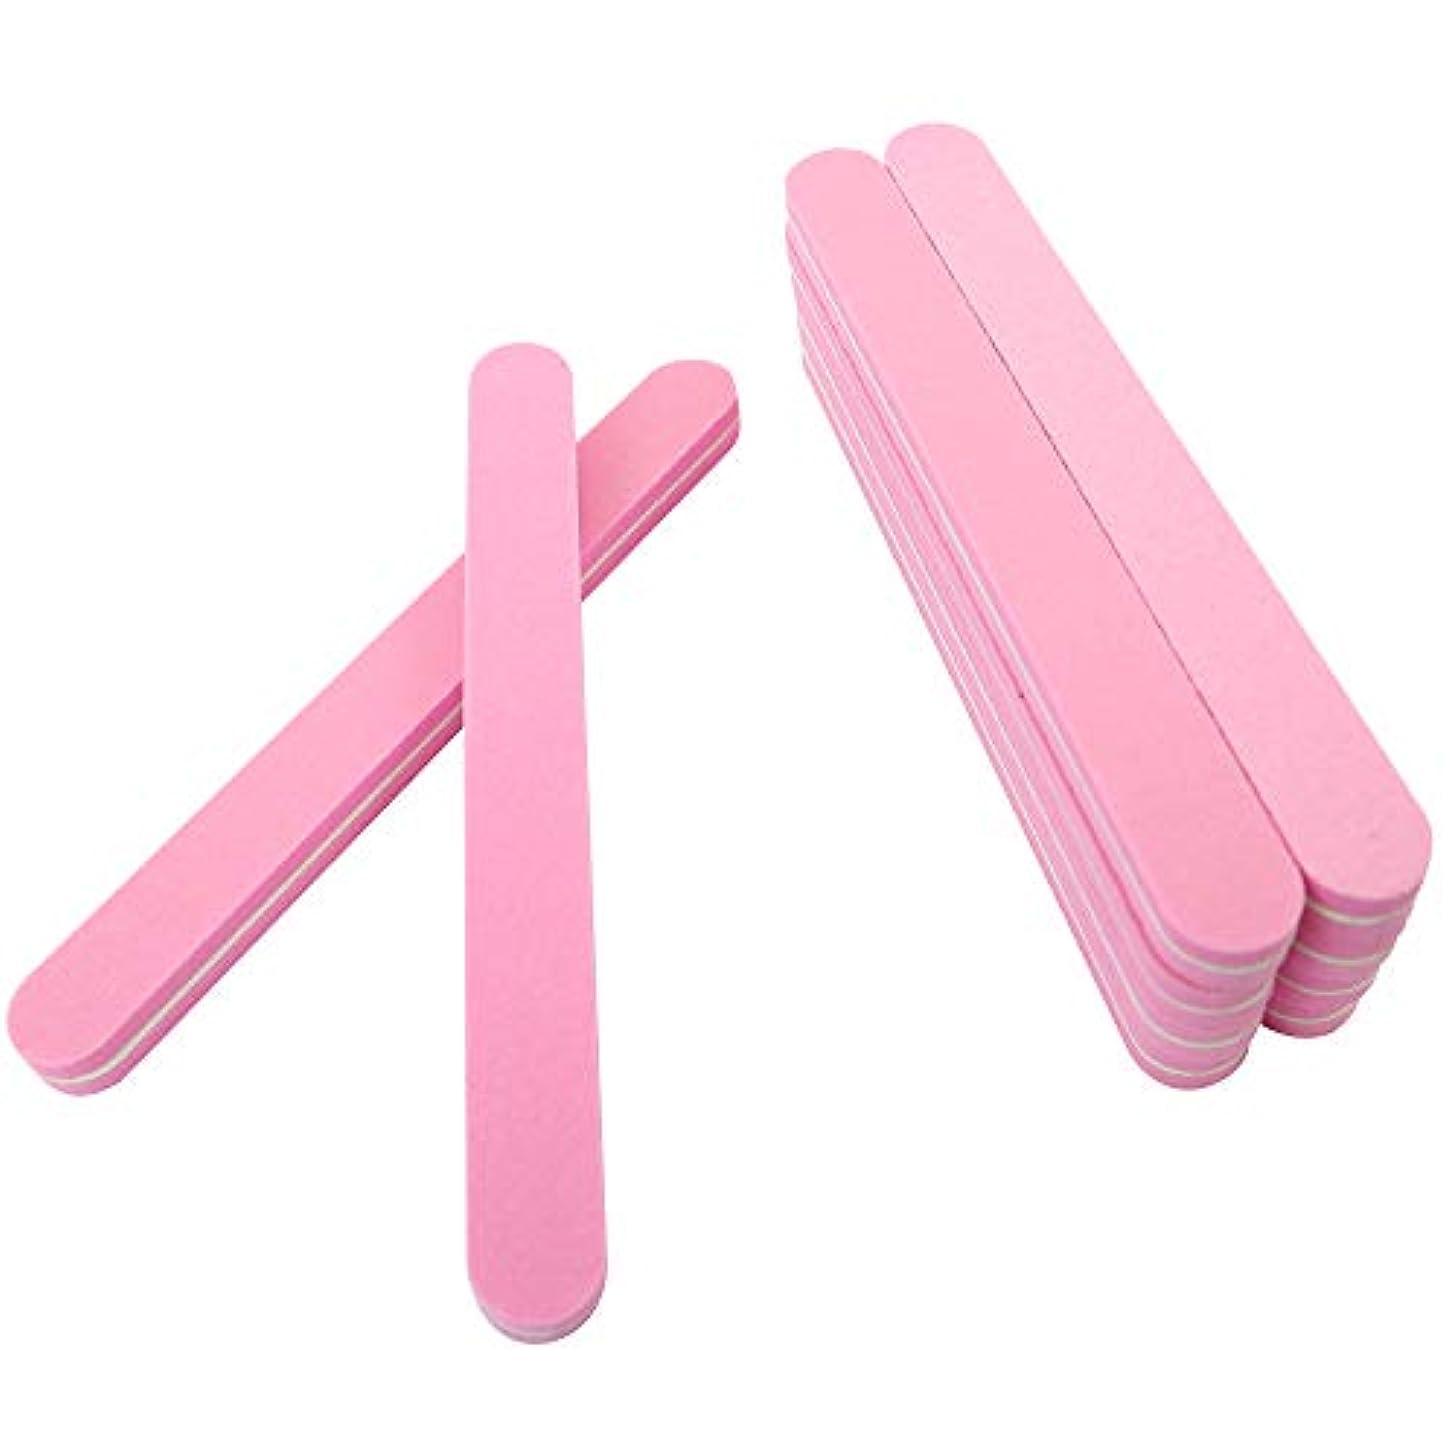 人柄ブレス応用SIEG つめピカ 爪やすり 爪先美人をめざす2ステップ磨きのネイルシャイナー 10本セット